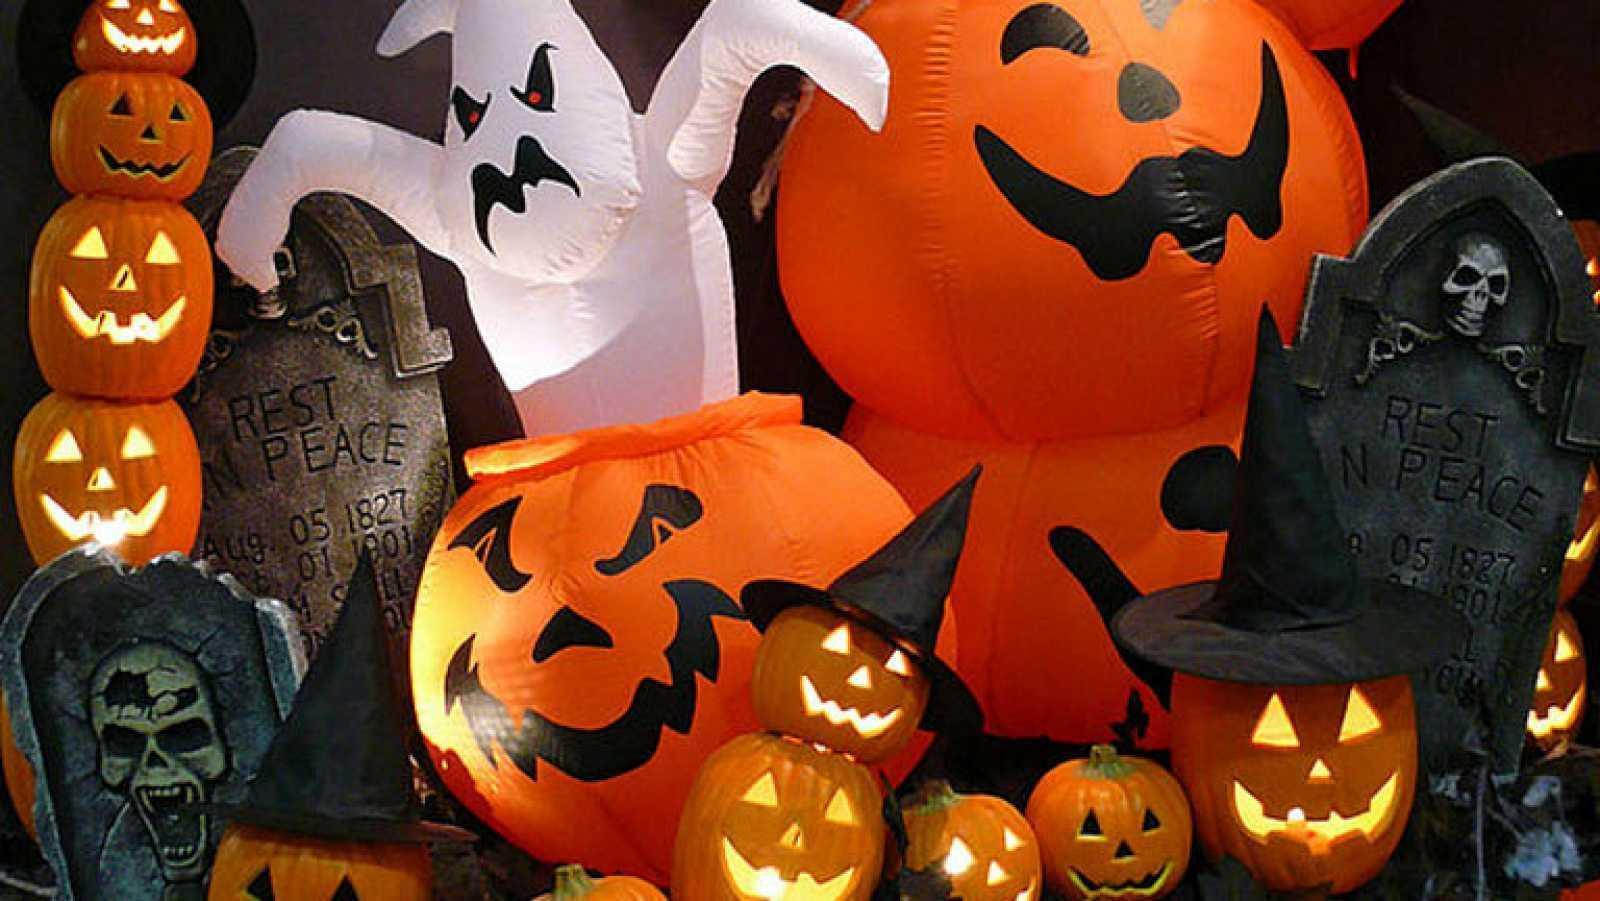 La fiesta de Halloween será muy diferente este 31 de octubre por las medidas de distanciamiento social y el toque de queda